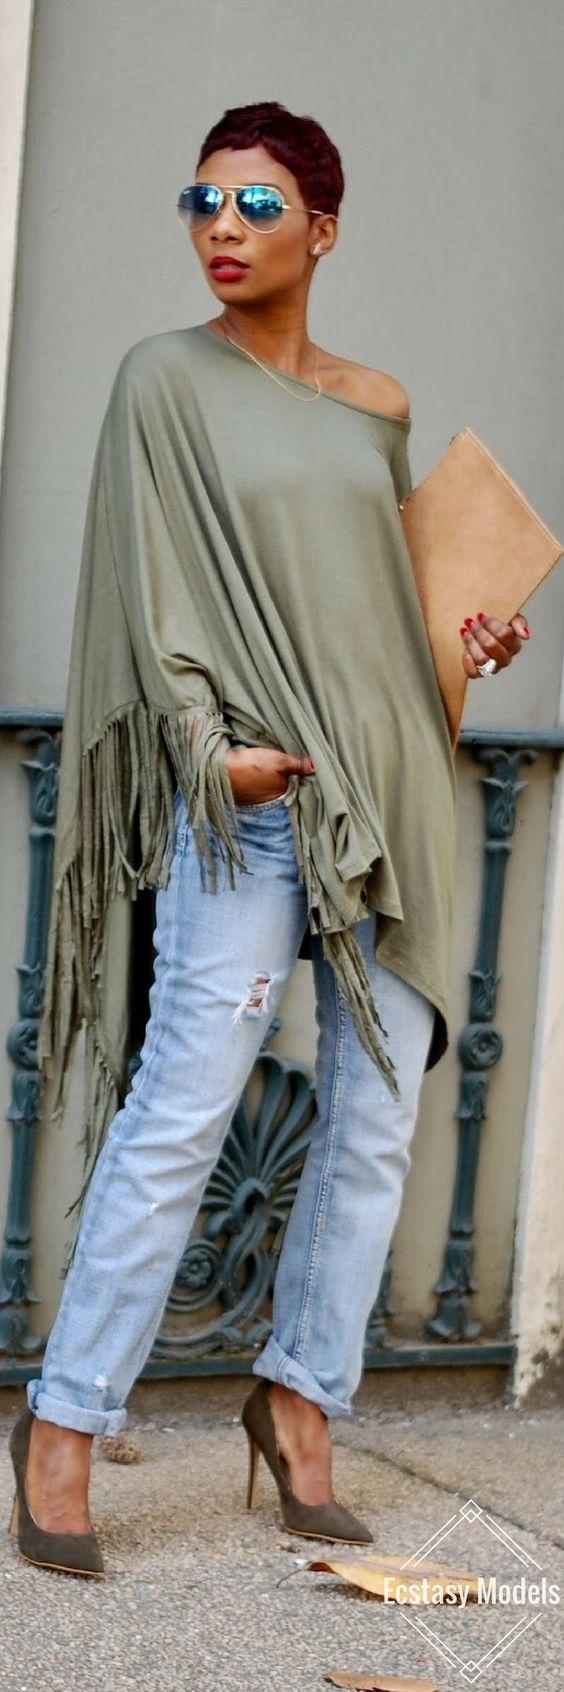 Fringe Poncho // Fashion Look by Lashoundra Young